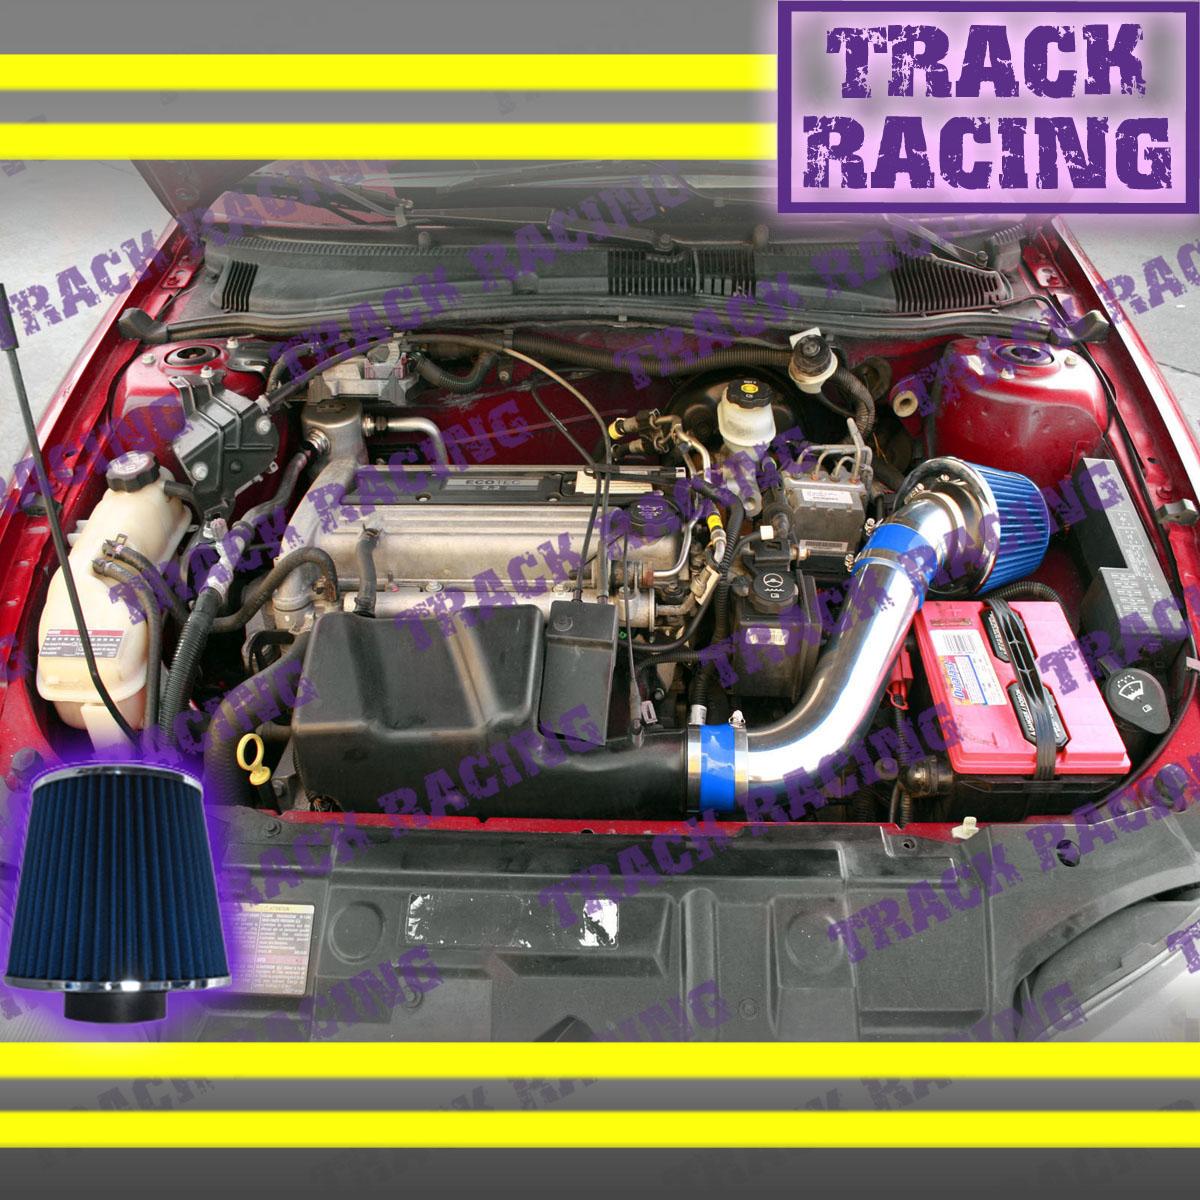 hight resolution of pontiac sunfire 2 2 engine ecotec internal diagram wiring diagram pontiac sunfire 2 2 engine ecotec internal diagram